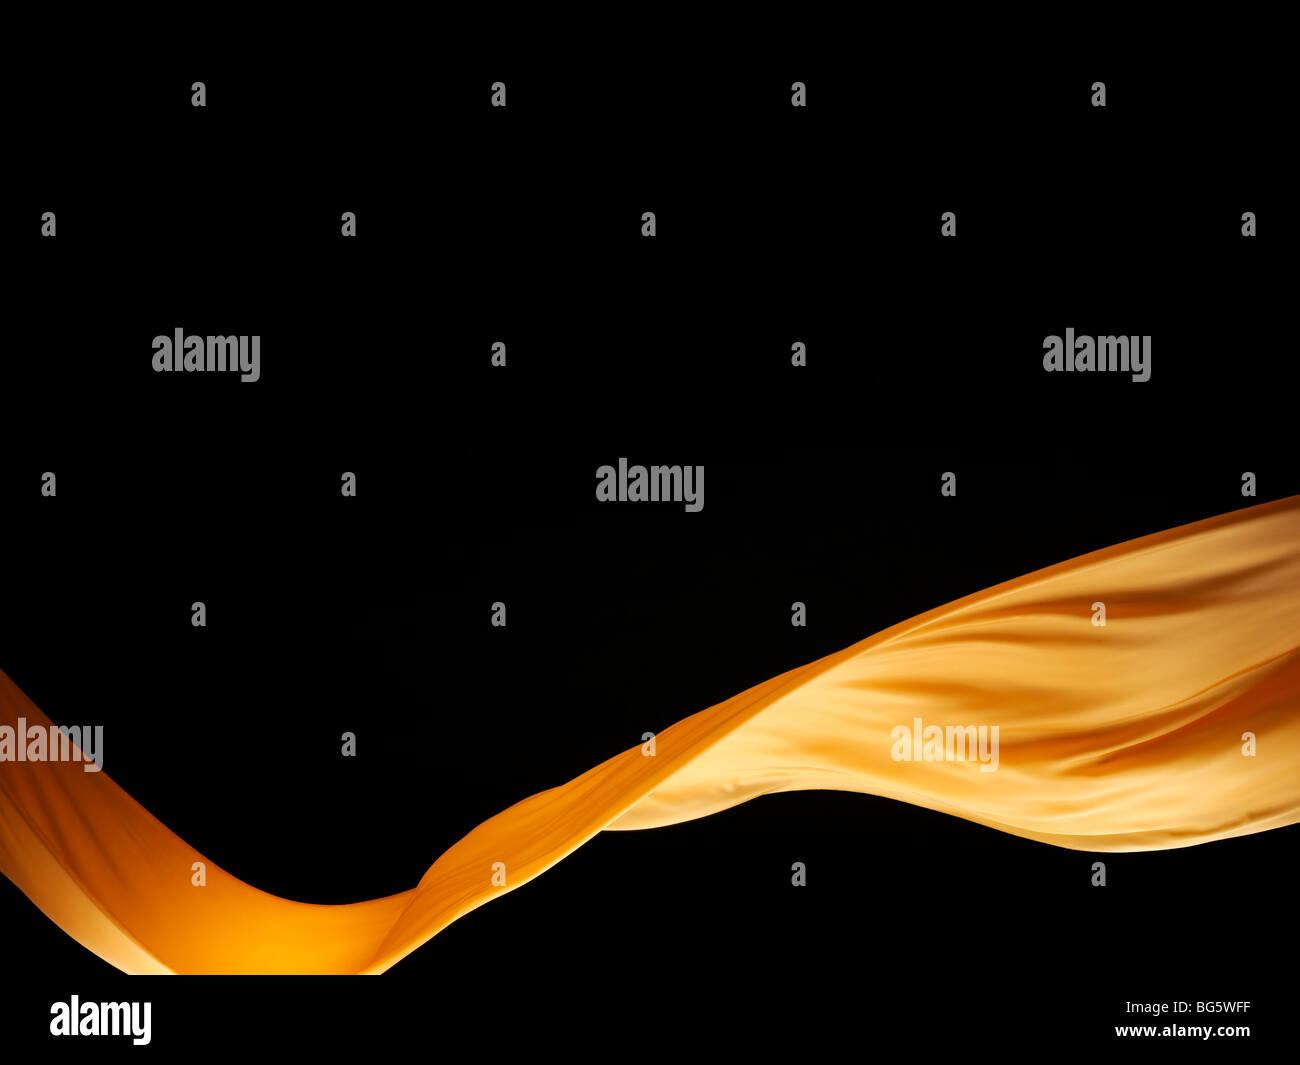 Seta arancione wave, Onda del tessuto Immagini Stock